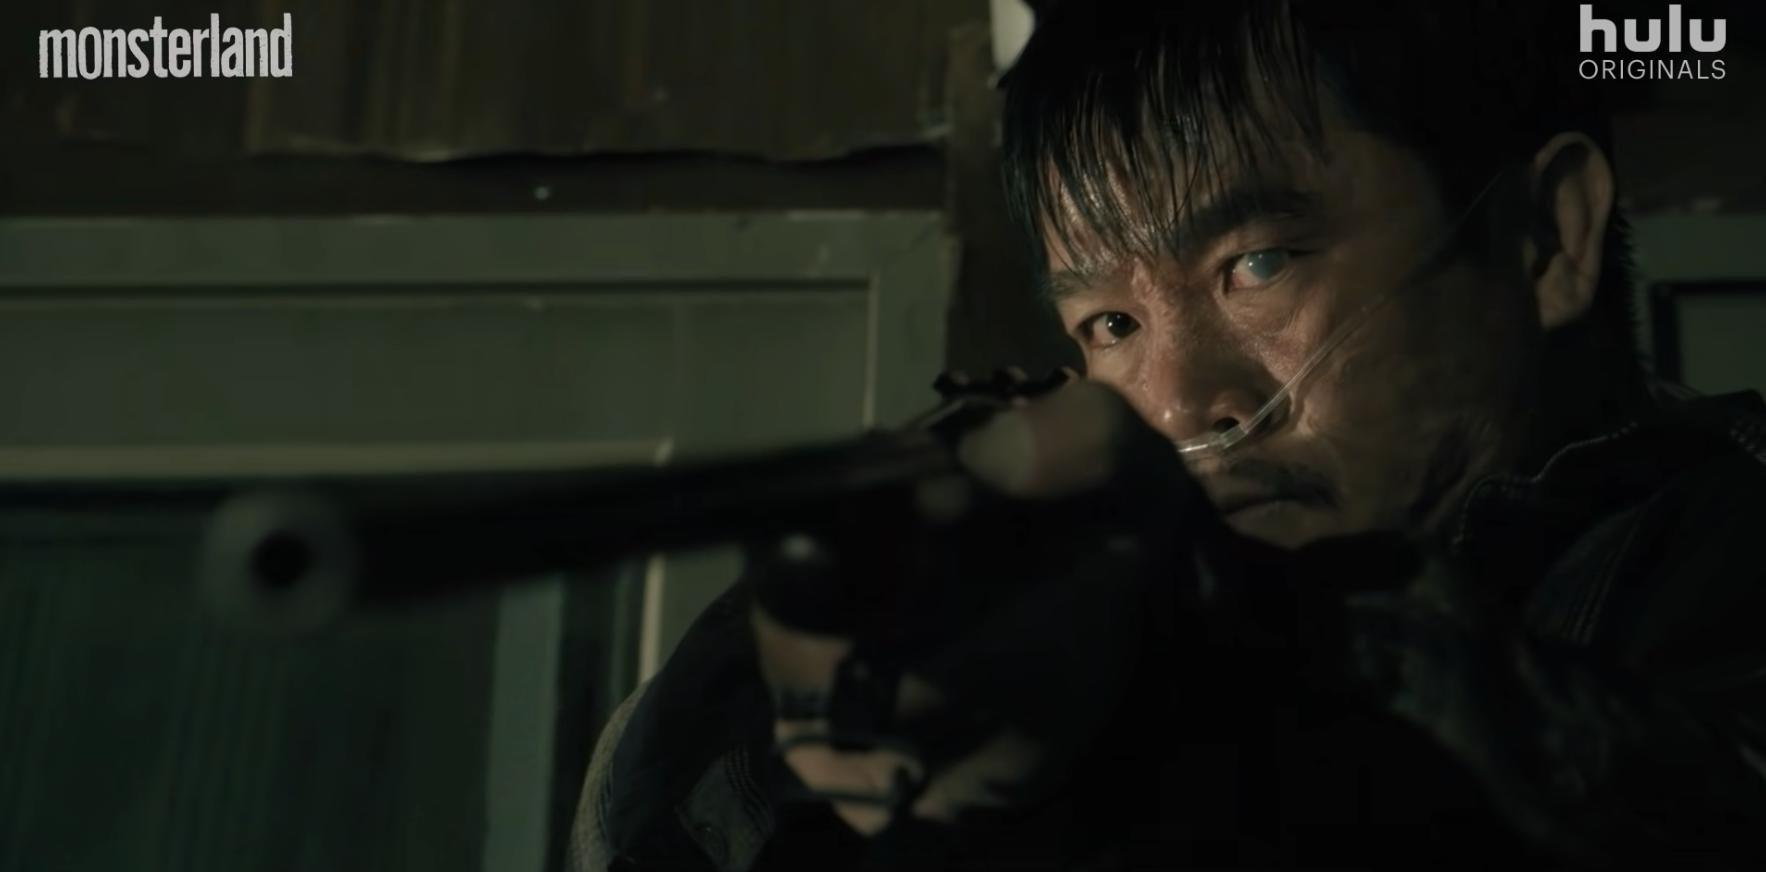 """Ngôi sao """"Monsterland"""" Triệu Trần trở thành nam tài tử chính người Mỹ gốc Á hiếm hoi trong làng điện ảnh Hoa Kỳ"""